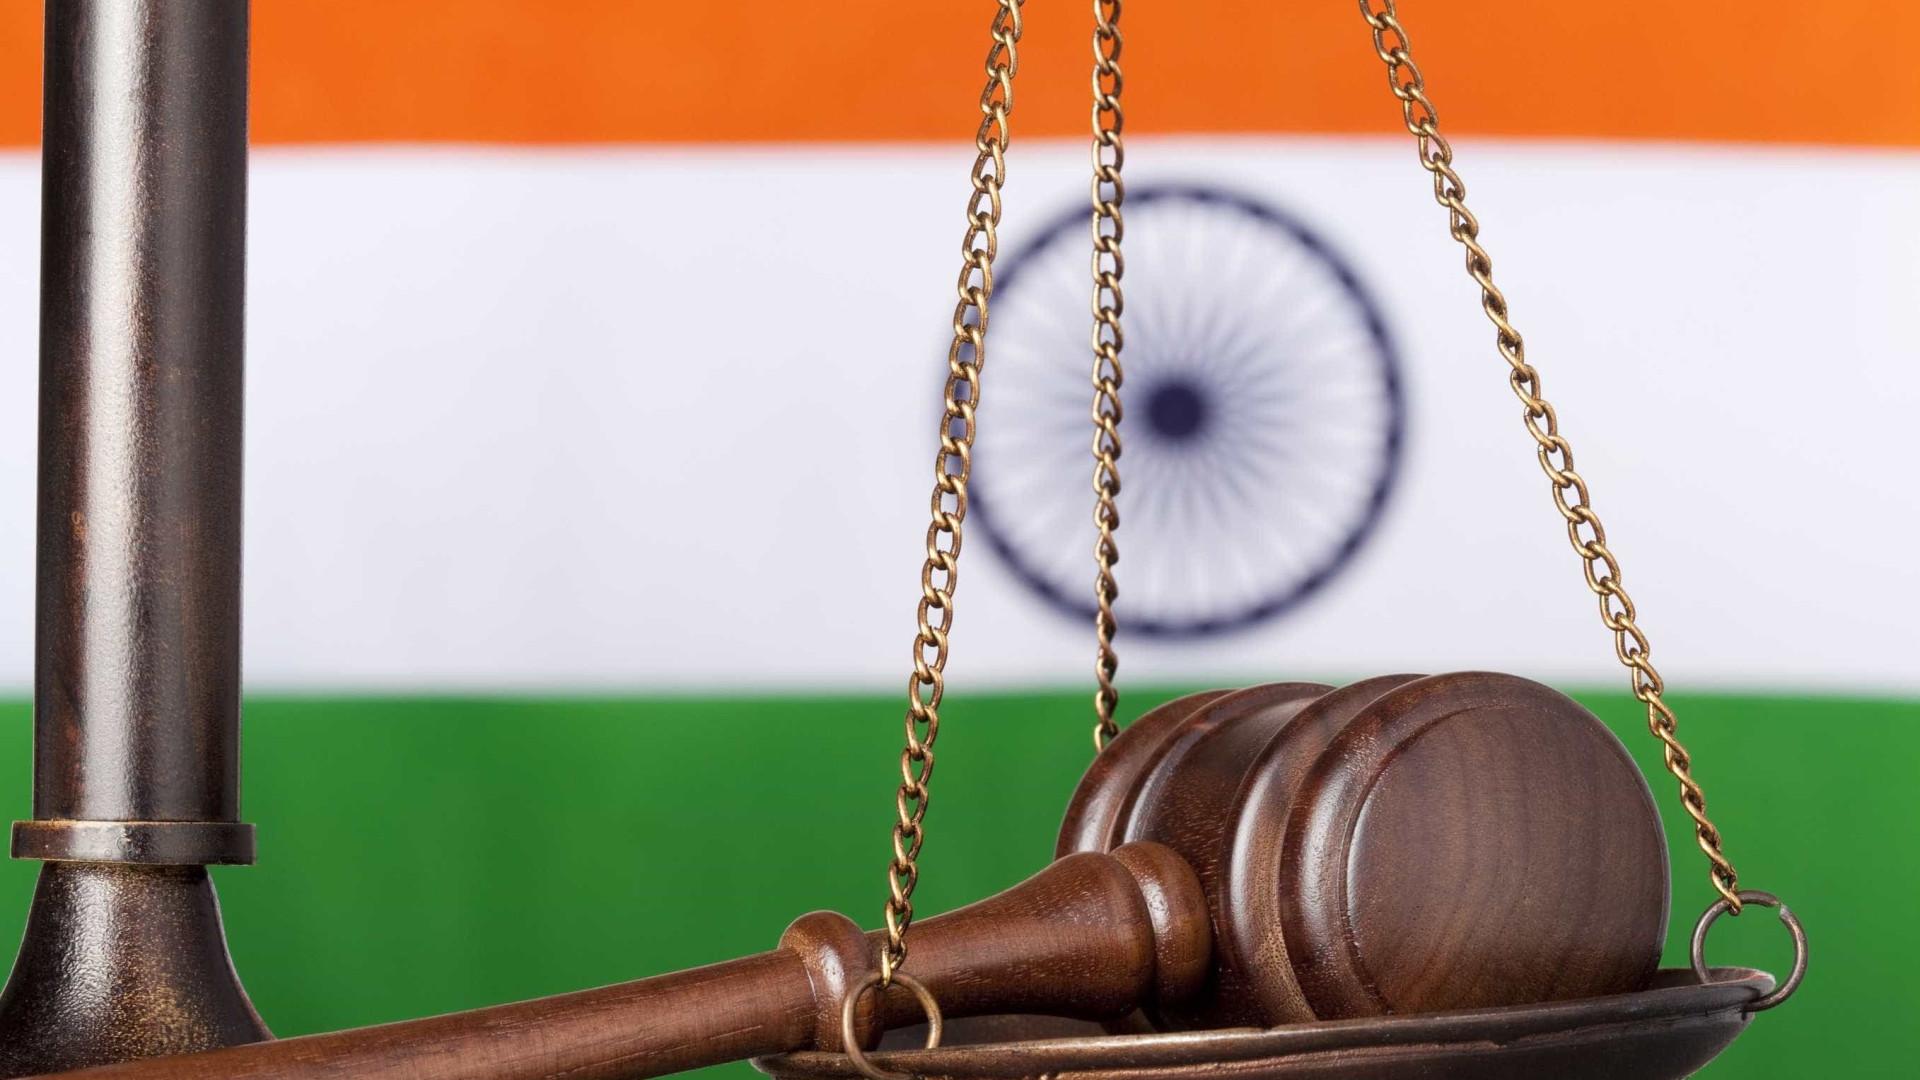 Tribunal indiano confirma penas de morte para violação coletiva